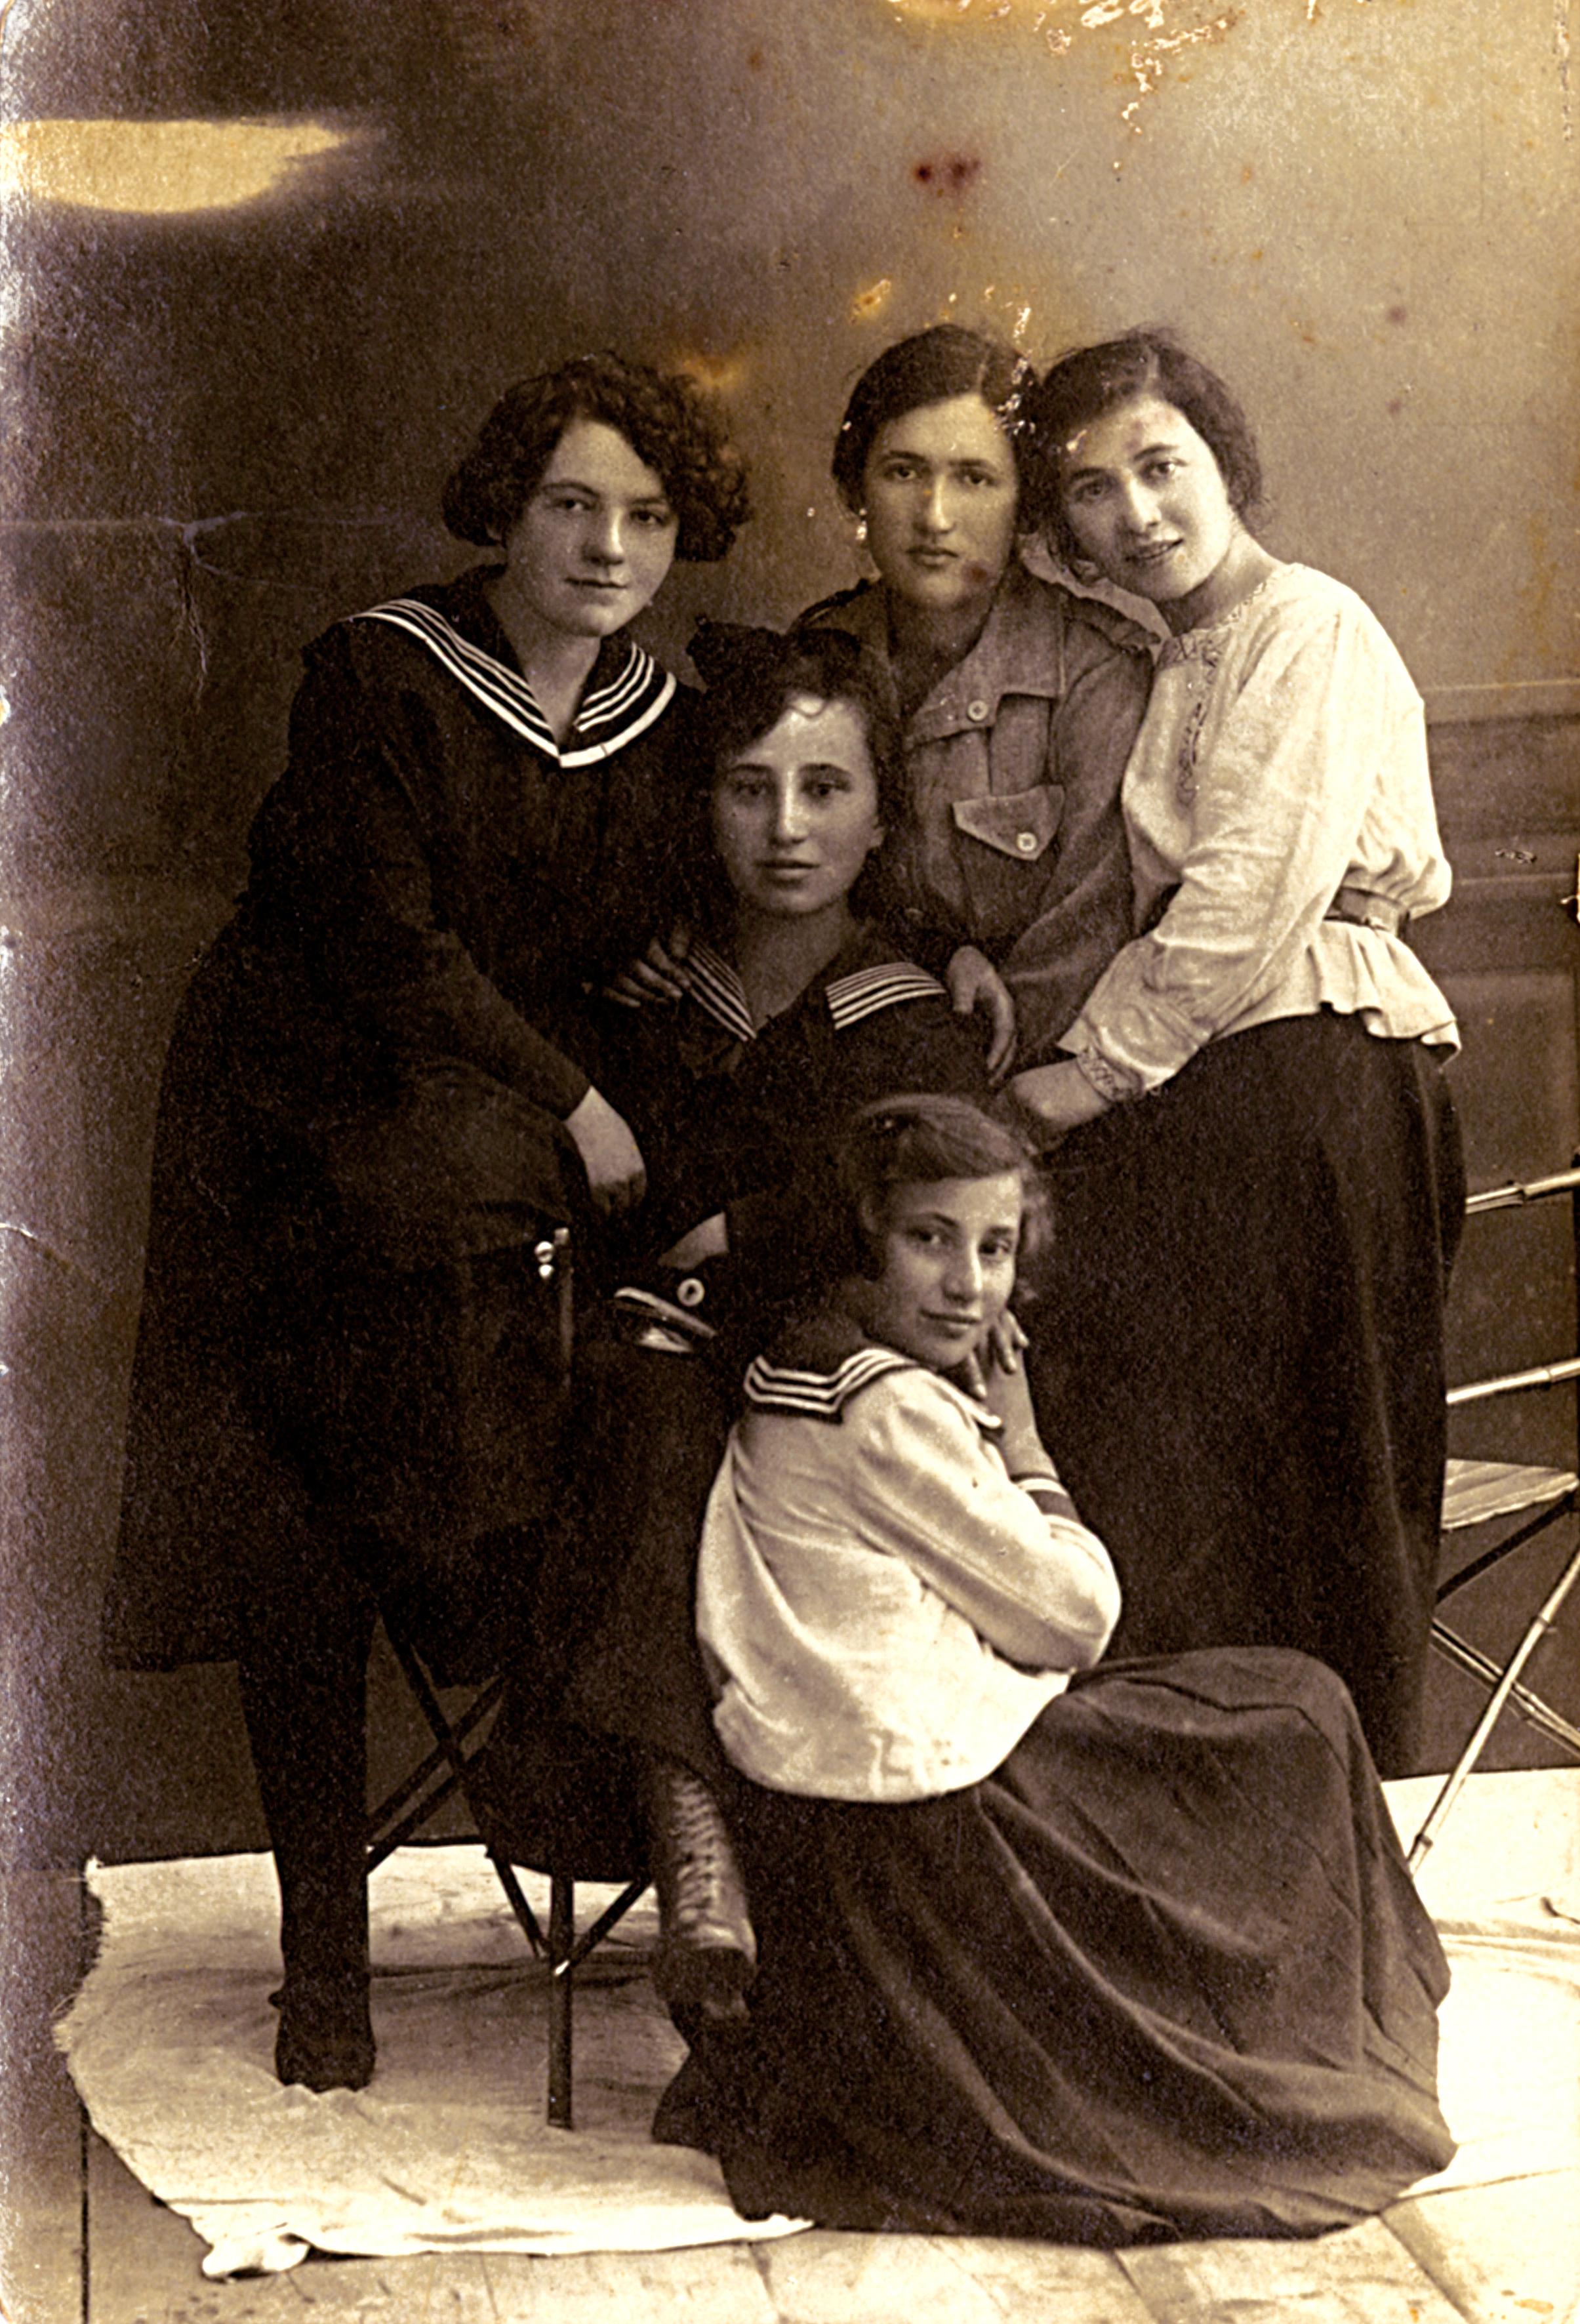 Sara Schifeldrin's friends